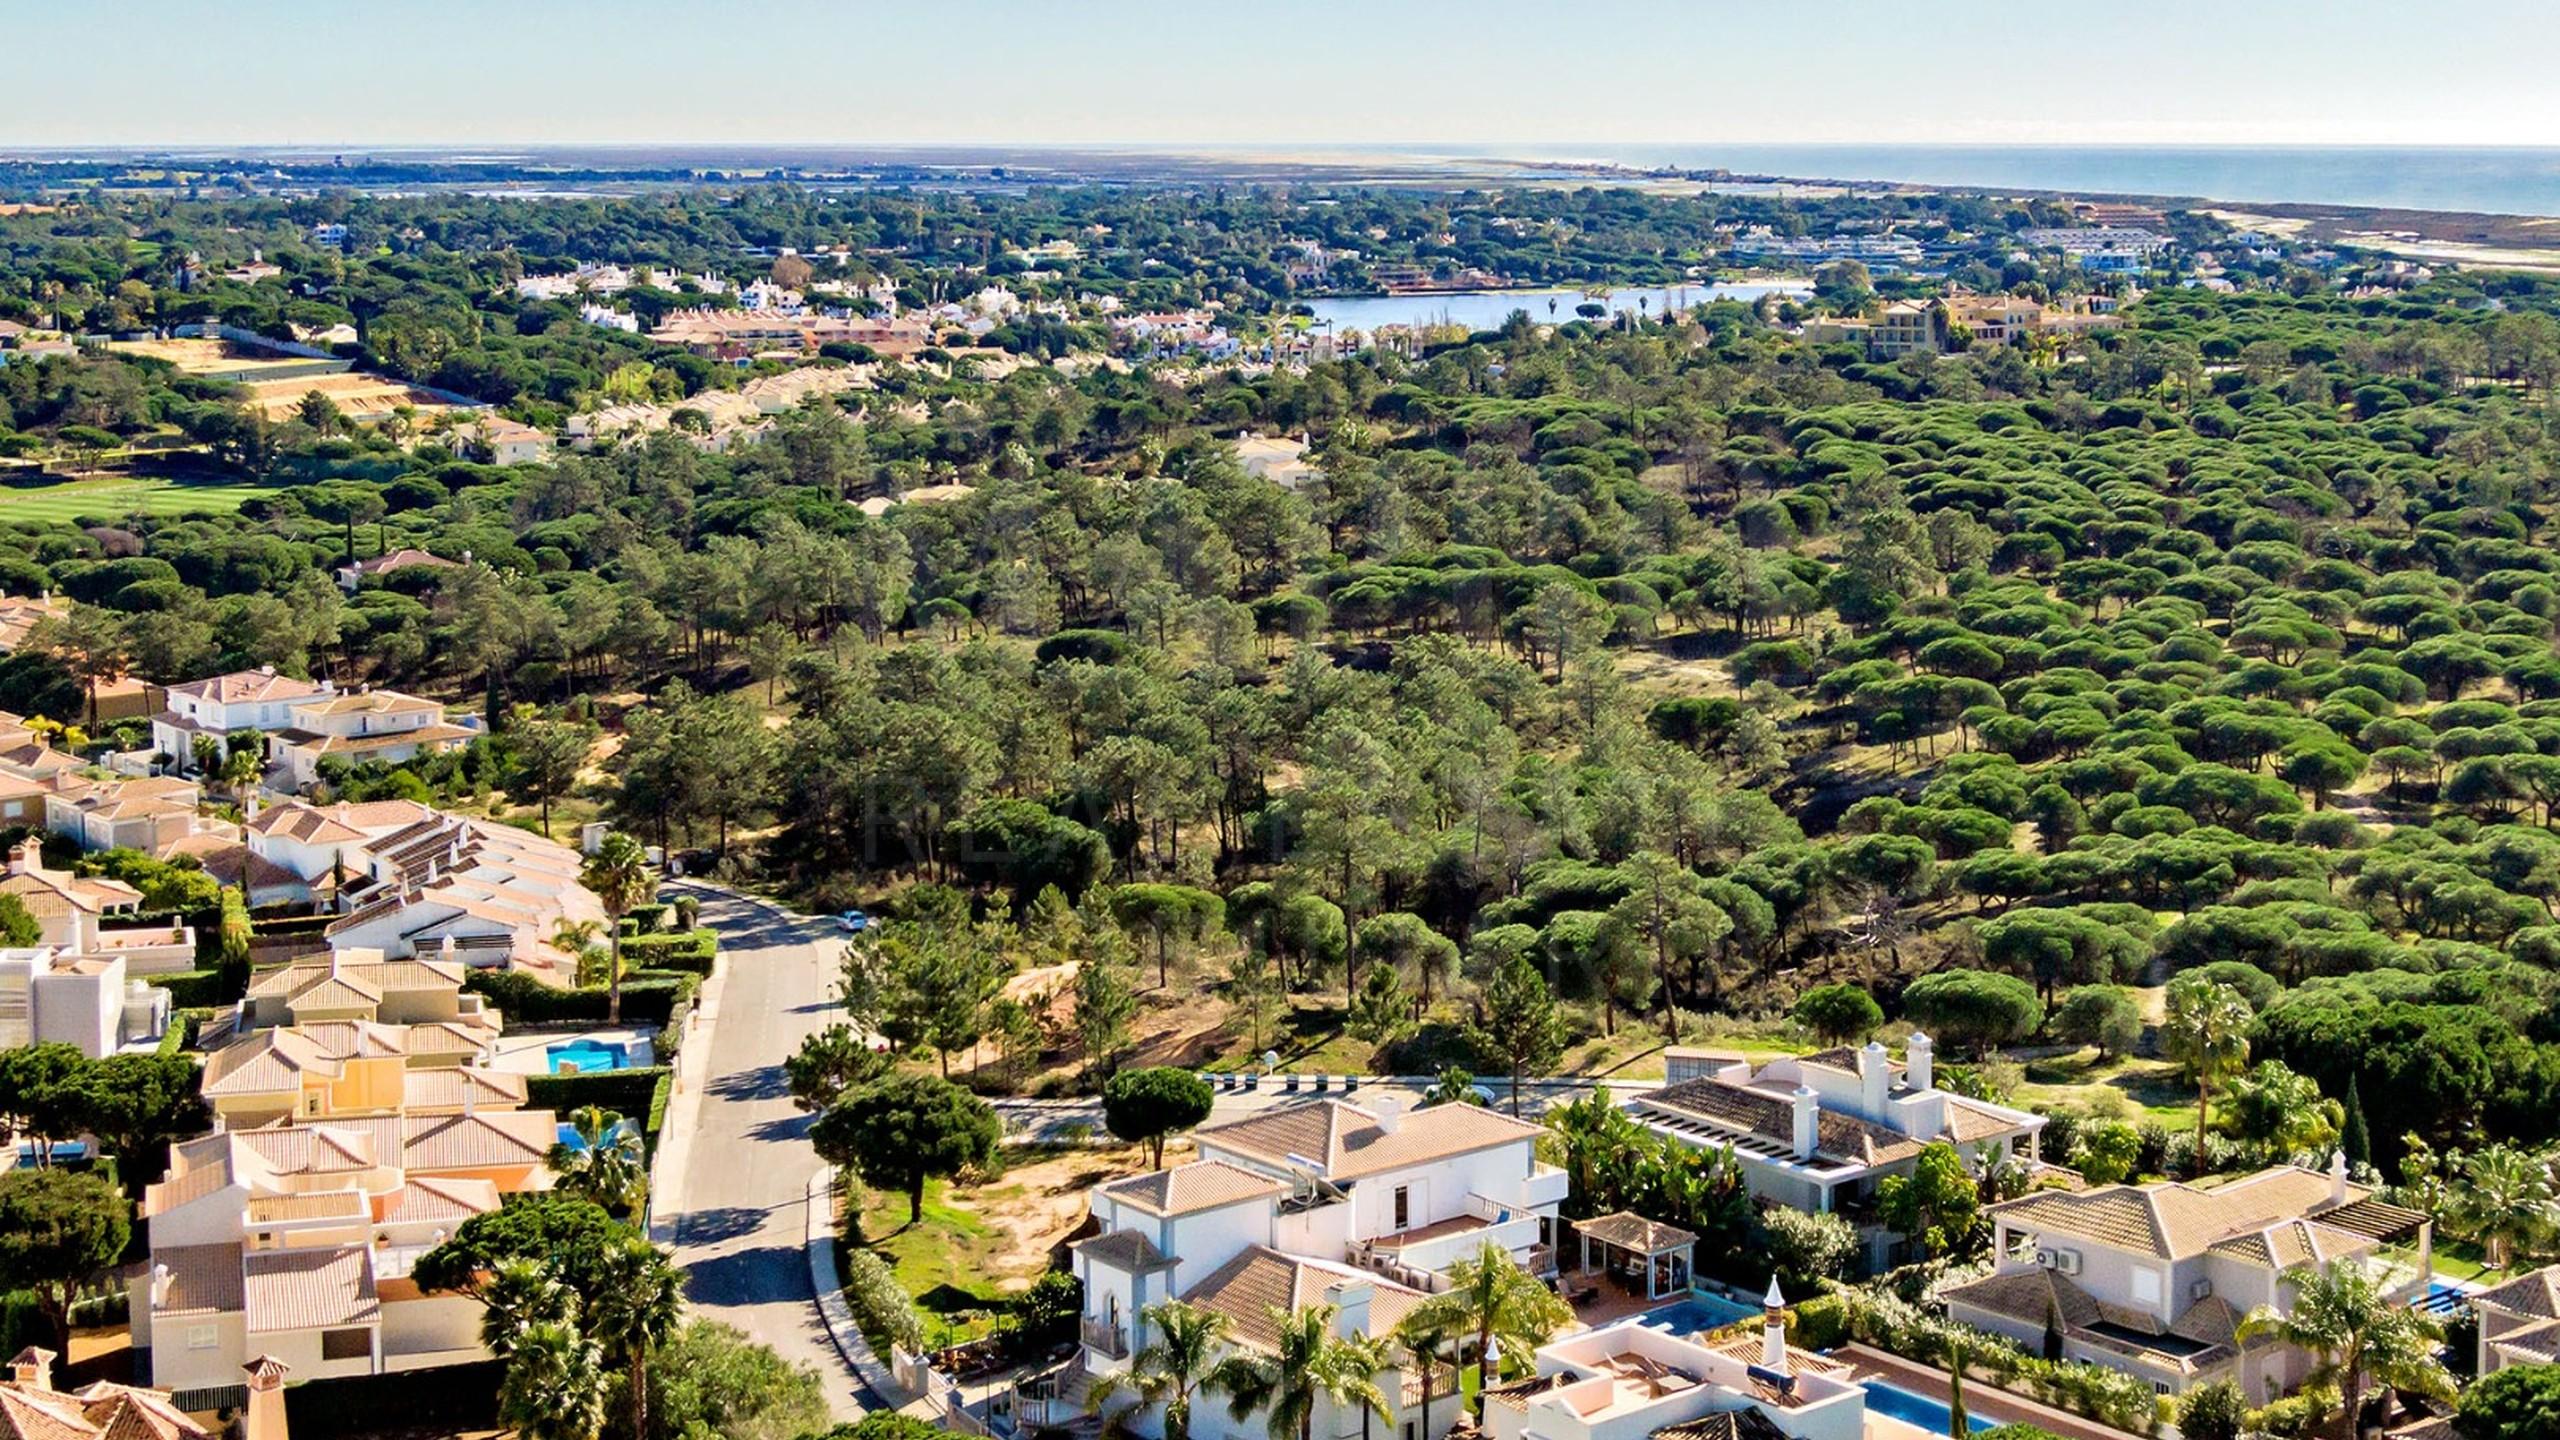 Terrain avec autorisation de construction à vendre en Algarve